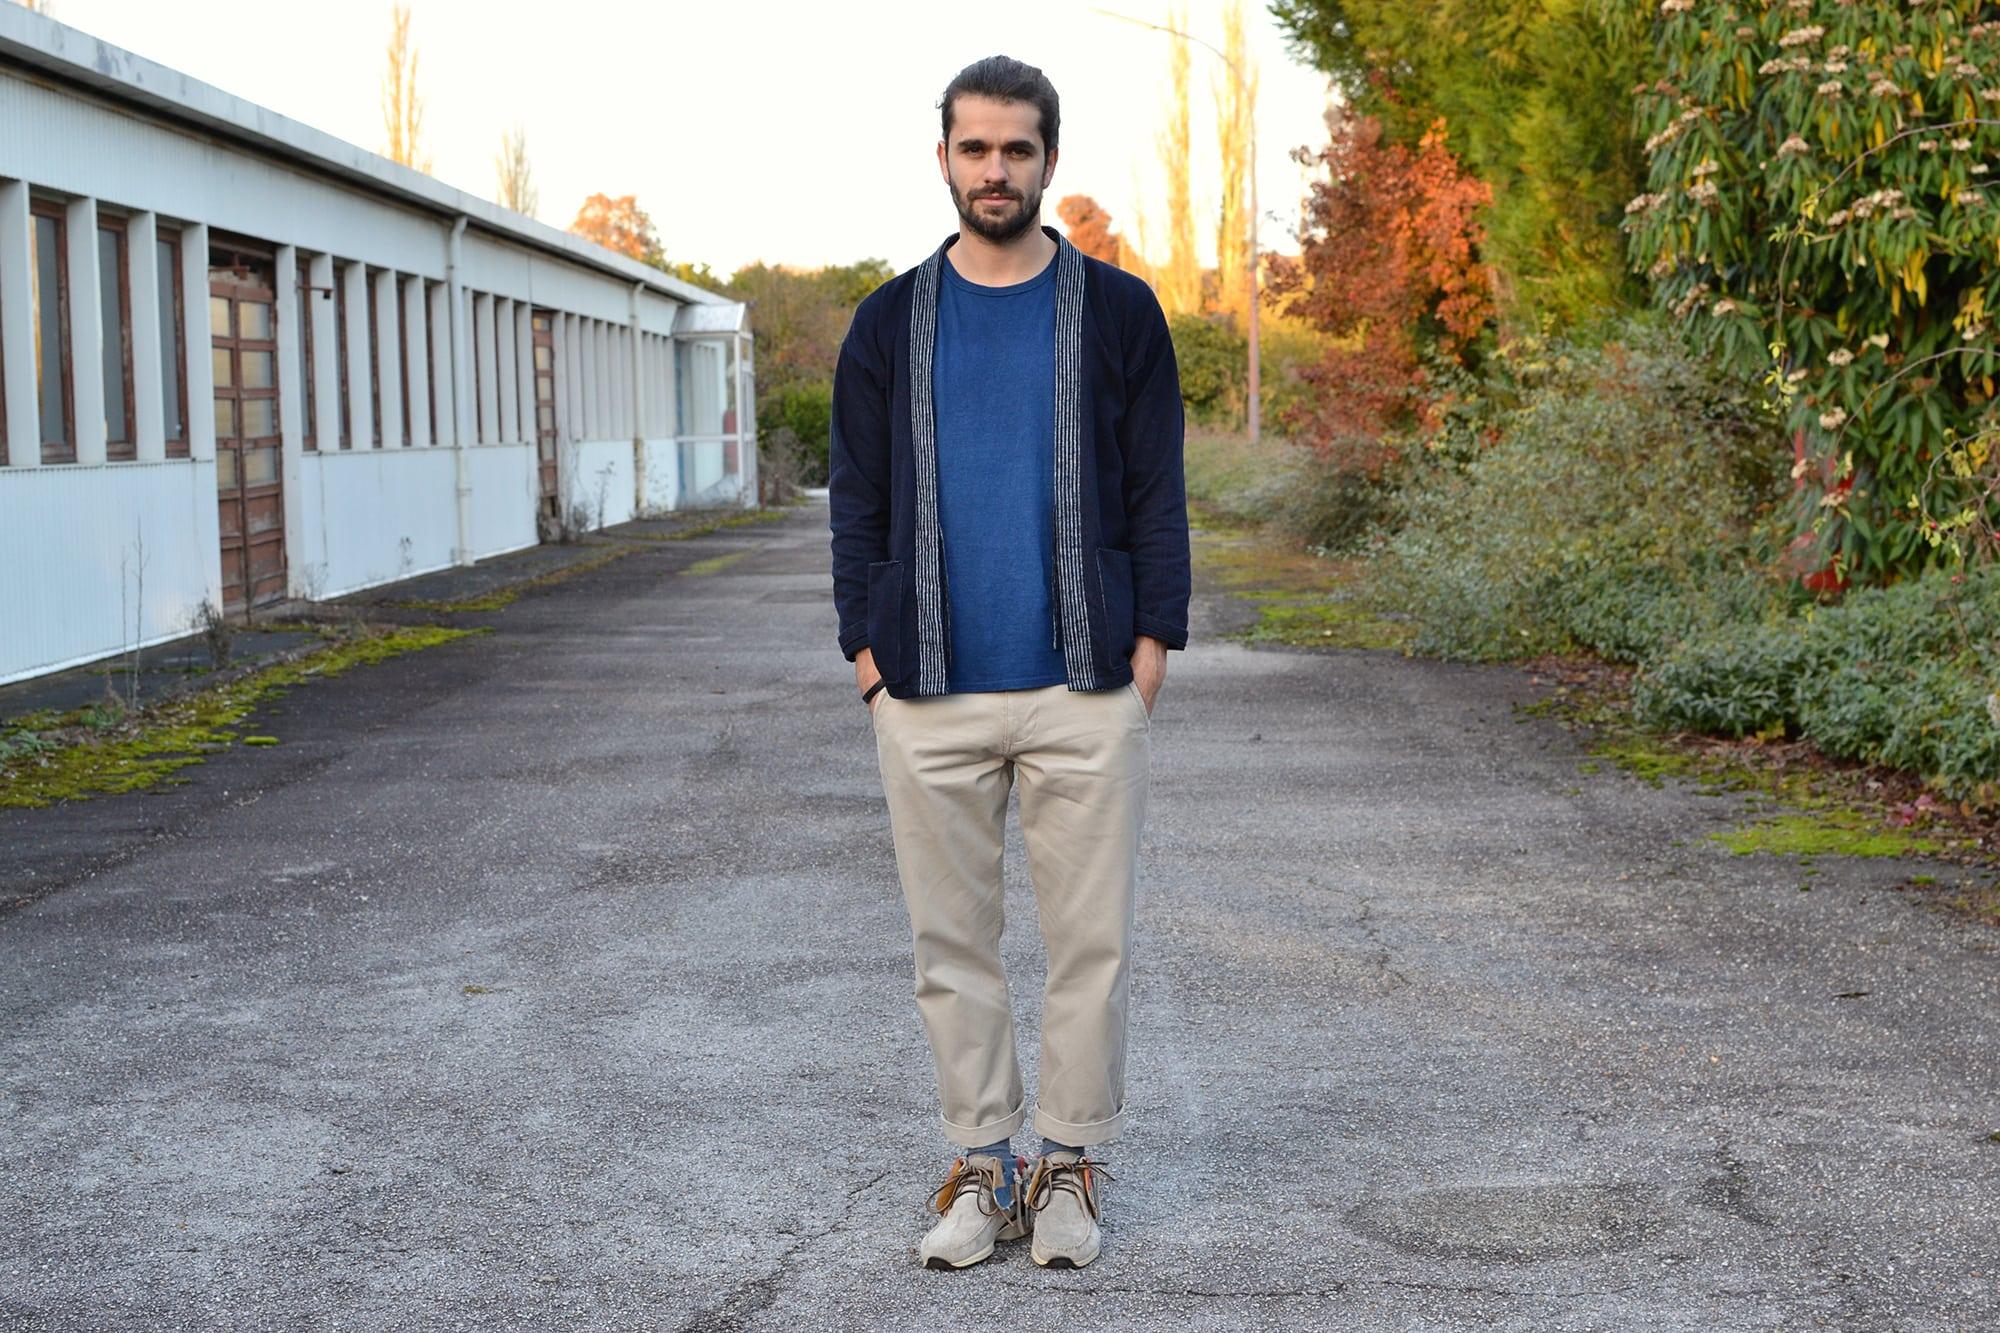 comment porter un pantalon clair / blanc dans le style street heritage